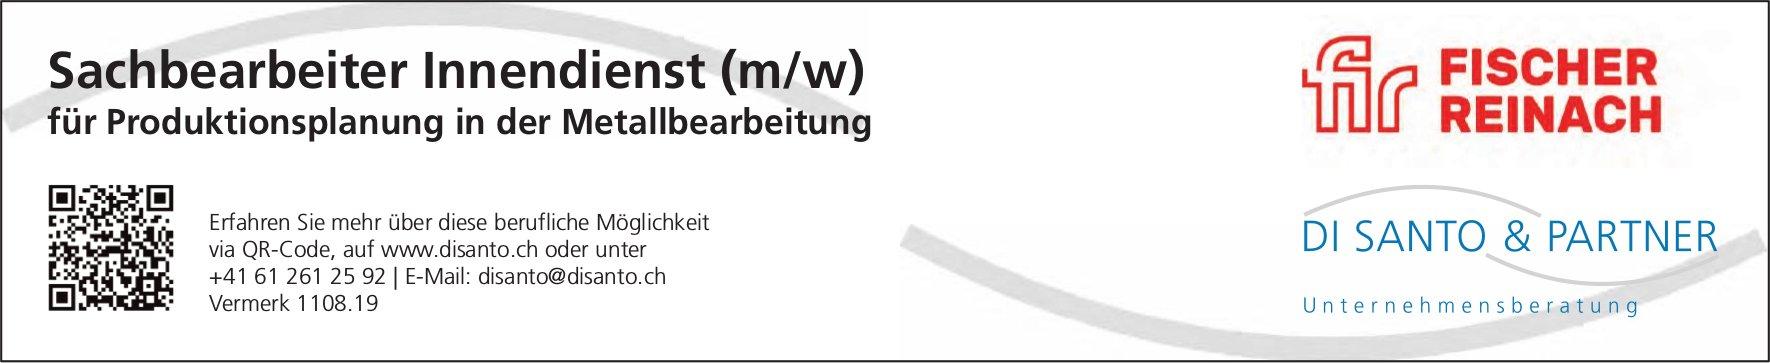 Sachbearbeiter Innendienst (m/w), Fischer Reinach, gesucht